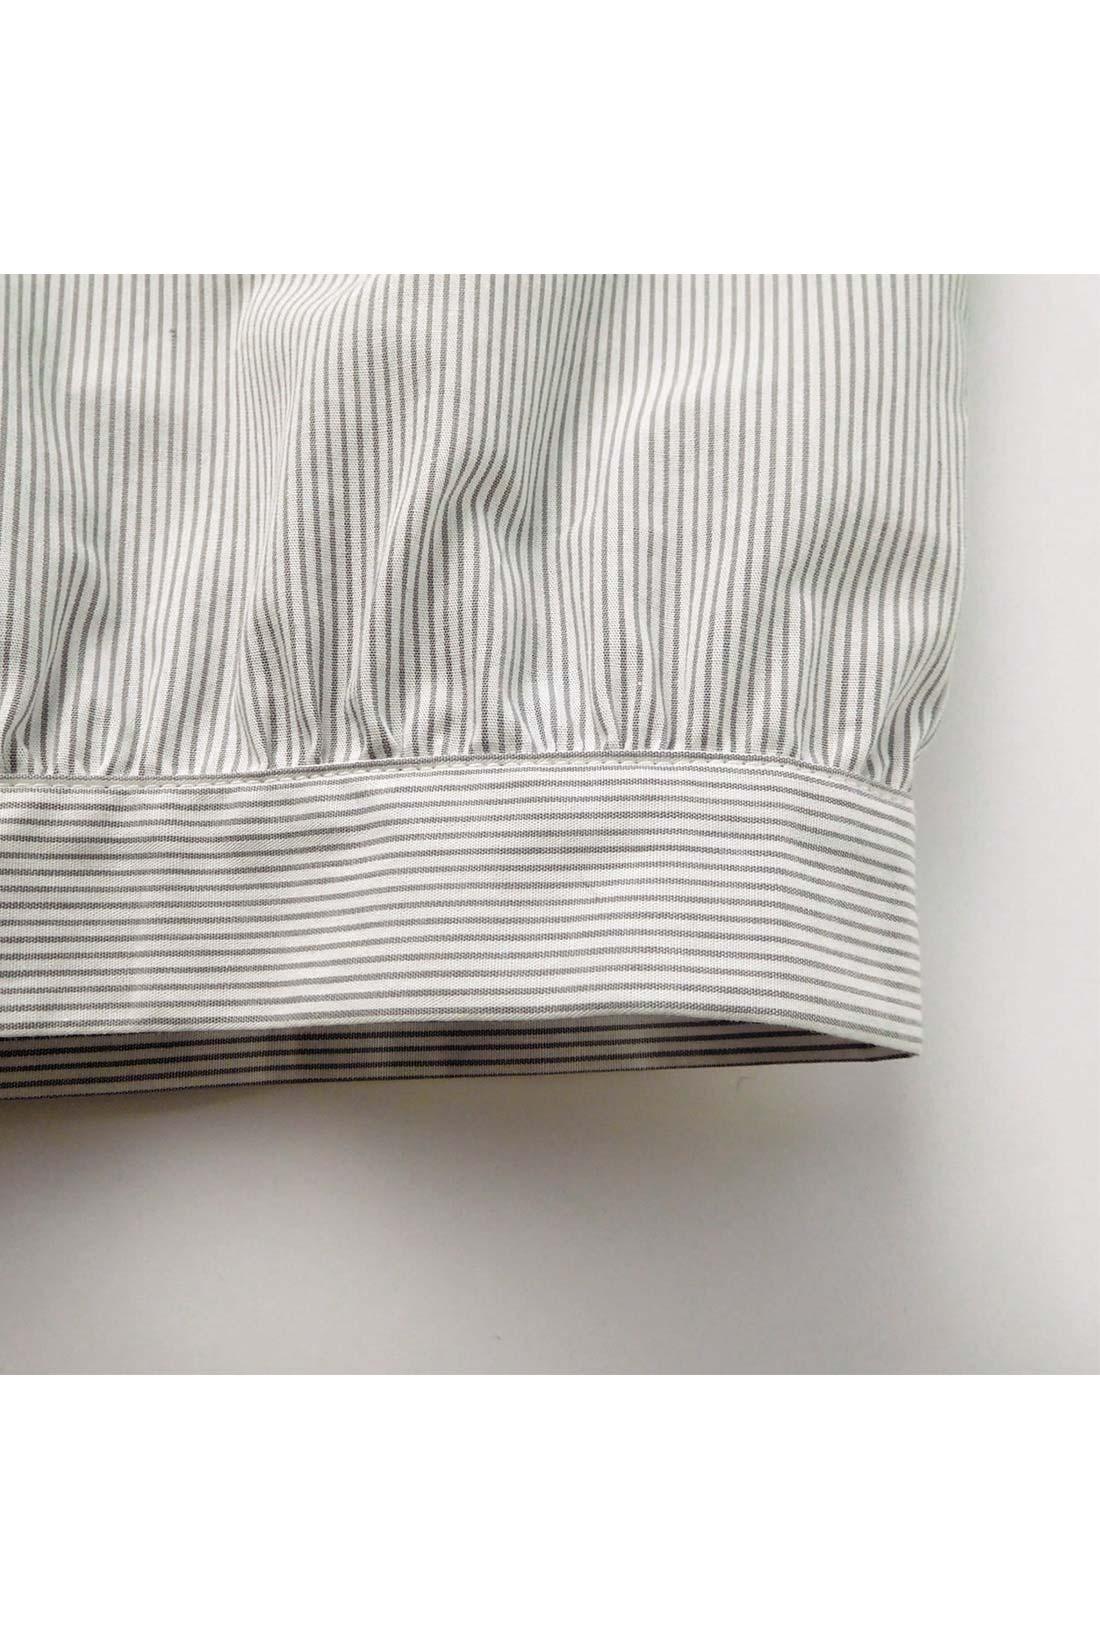 [あえての薄手素材。]ペチパンツとしてはいた時に、ごろごろしないように薄手で作っていますので、1枚では着られません。 ※お届けするカラーとは異なります。